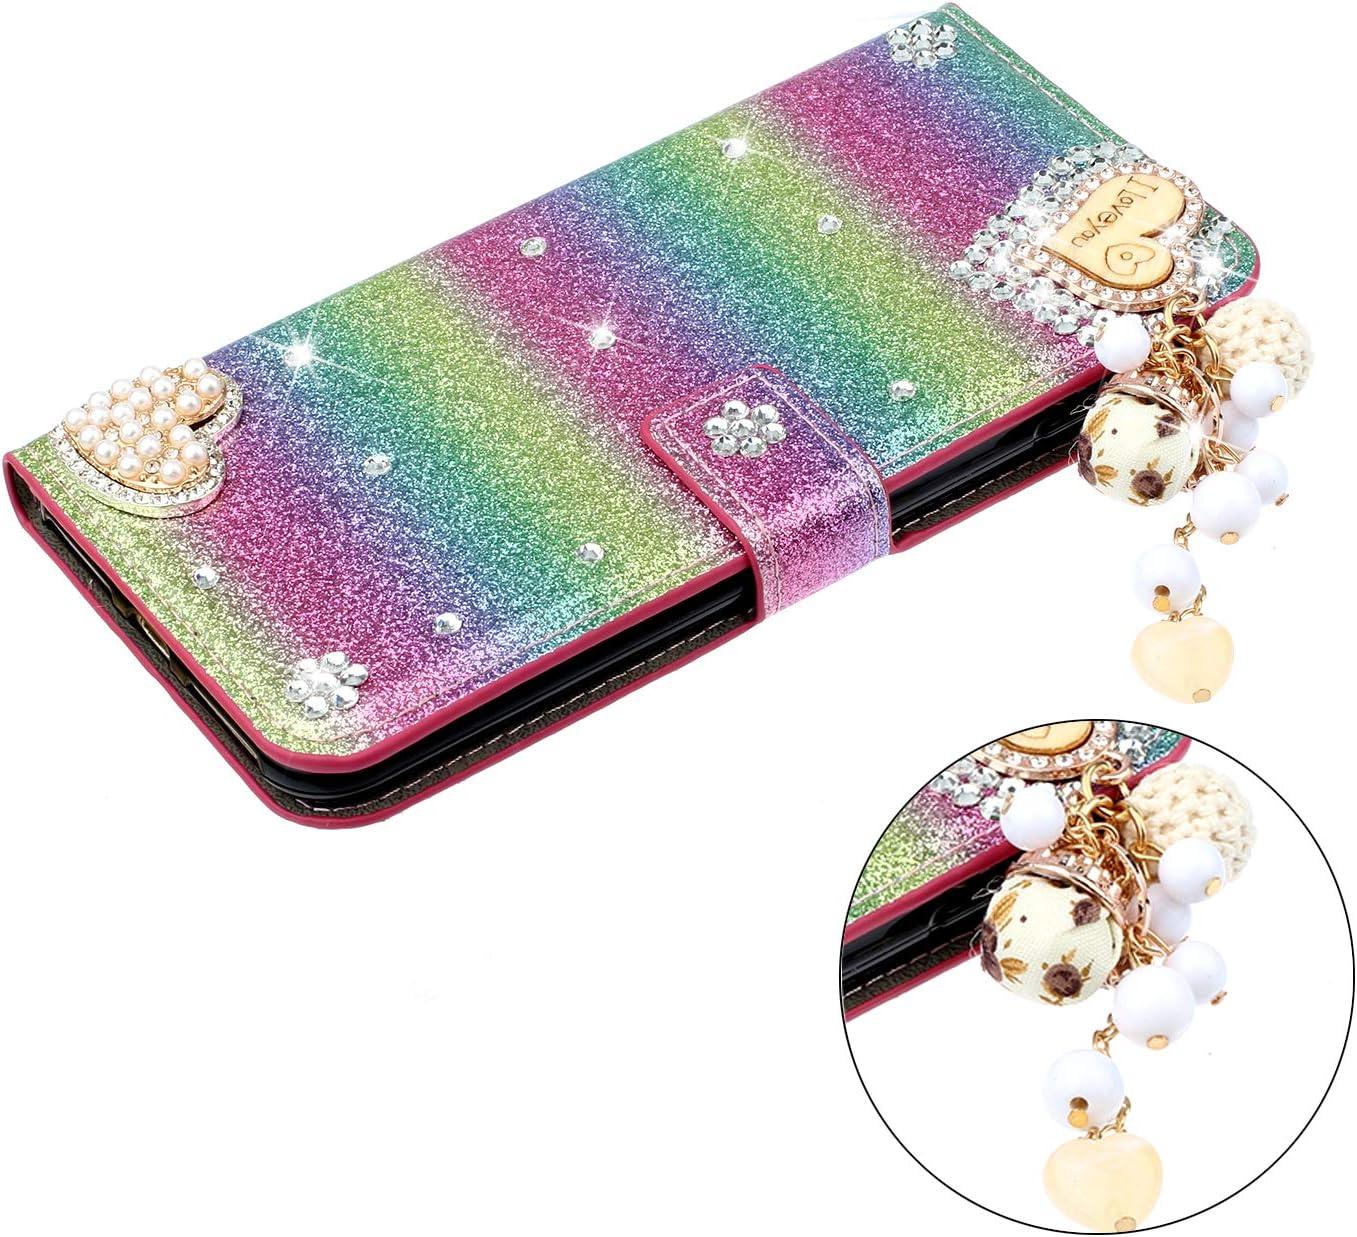 Miagon H/ülle Glitzer f/ür Huawei Y6 2019,Luxus Diamant Strass Herz PU Leder Handyh/ülle St/änder Funktion Schutzh/ülle Brieftasche Cover,Lila